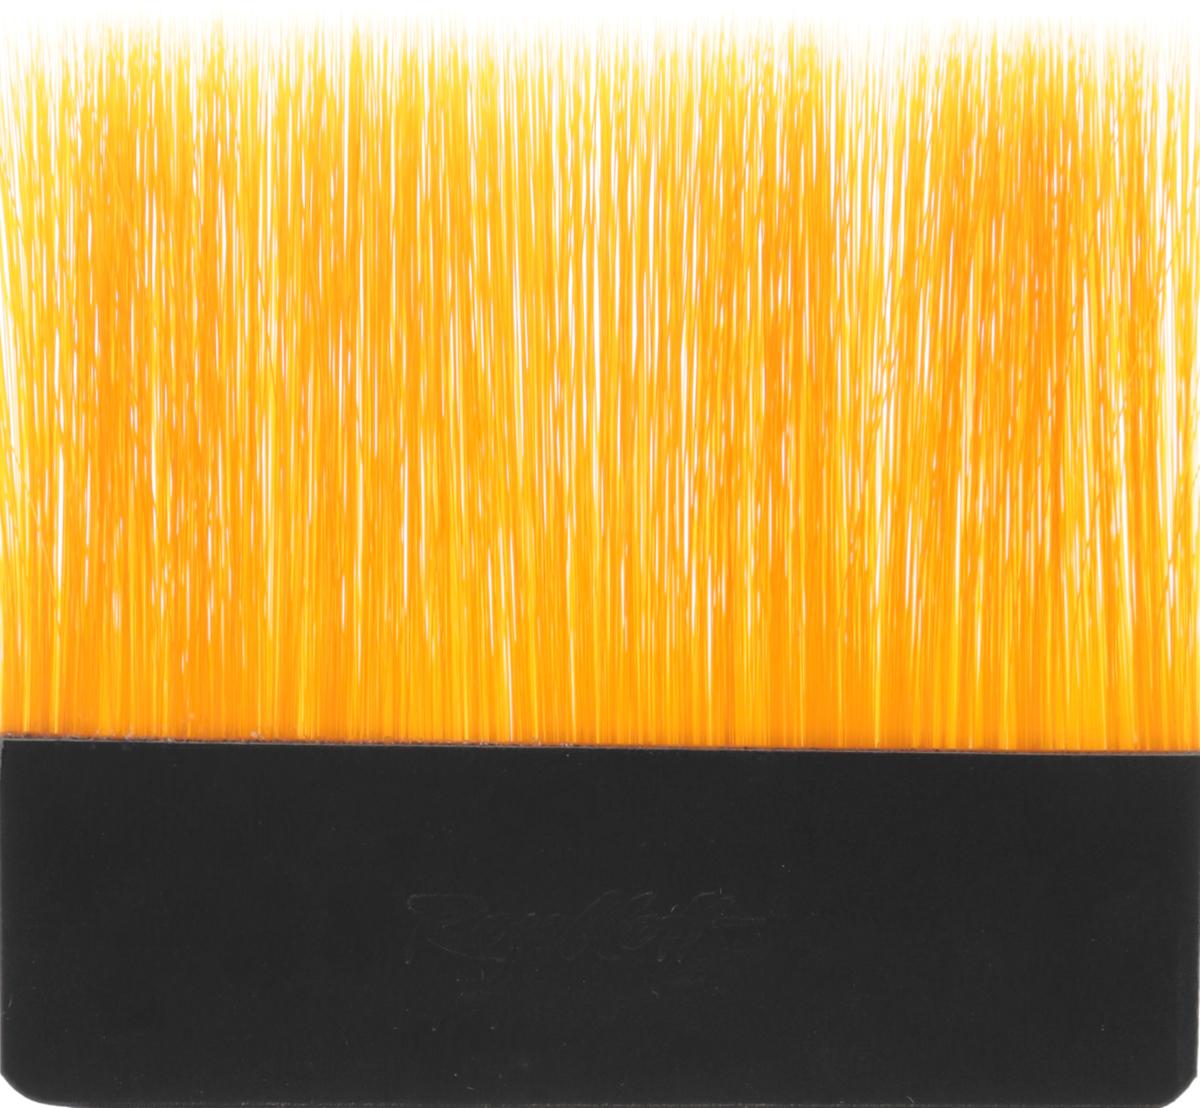 Roubloff Кисть для работы с золотом синтетика № 100 roubloff кисть 1222 синтетика плоская 36 длинная ручка